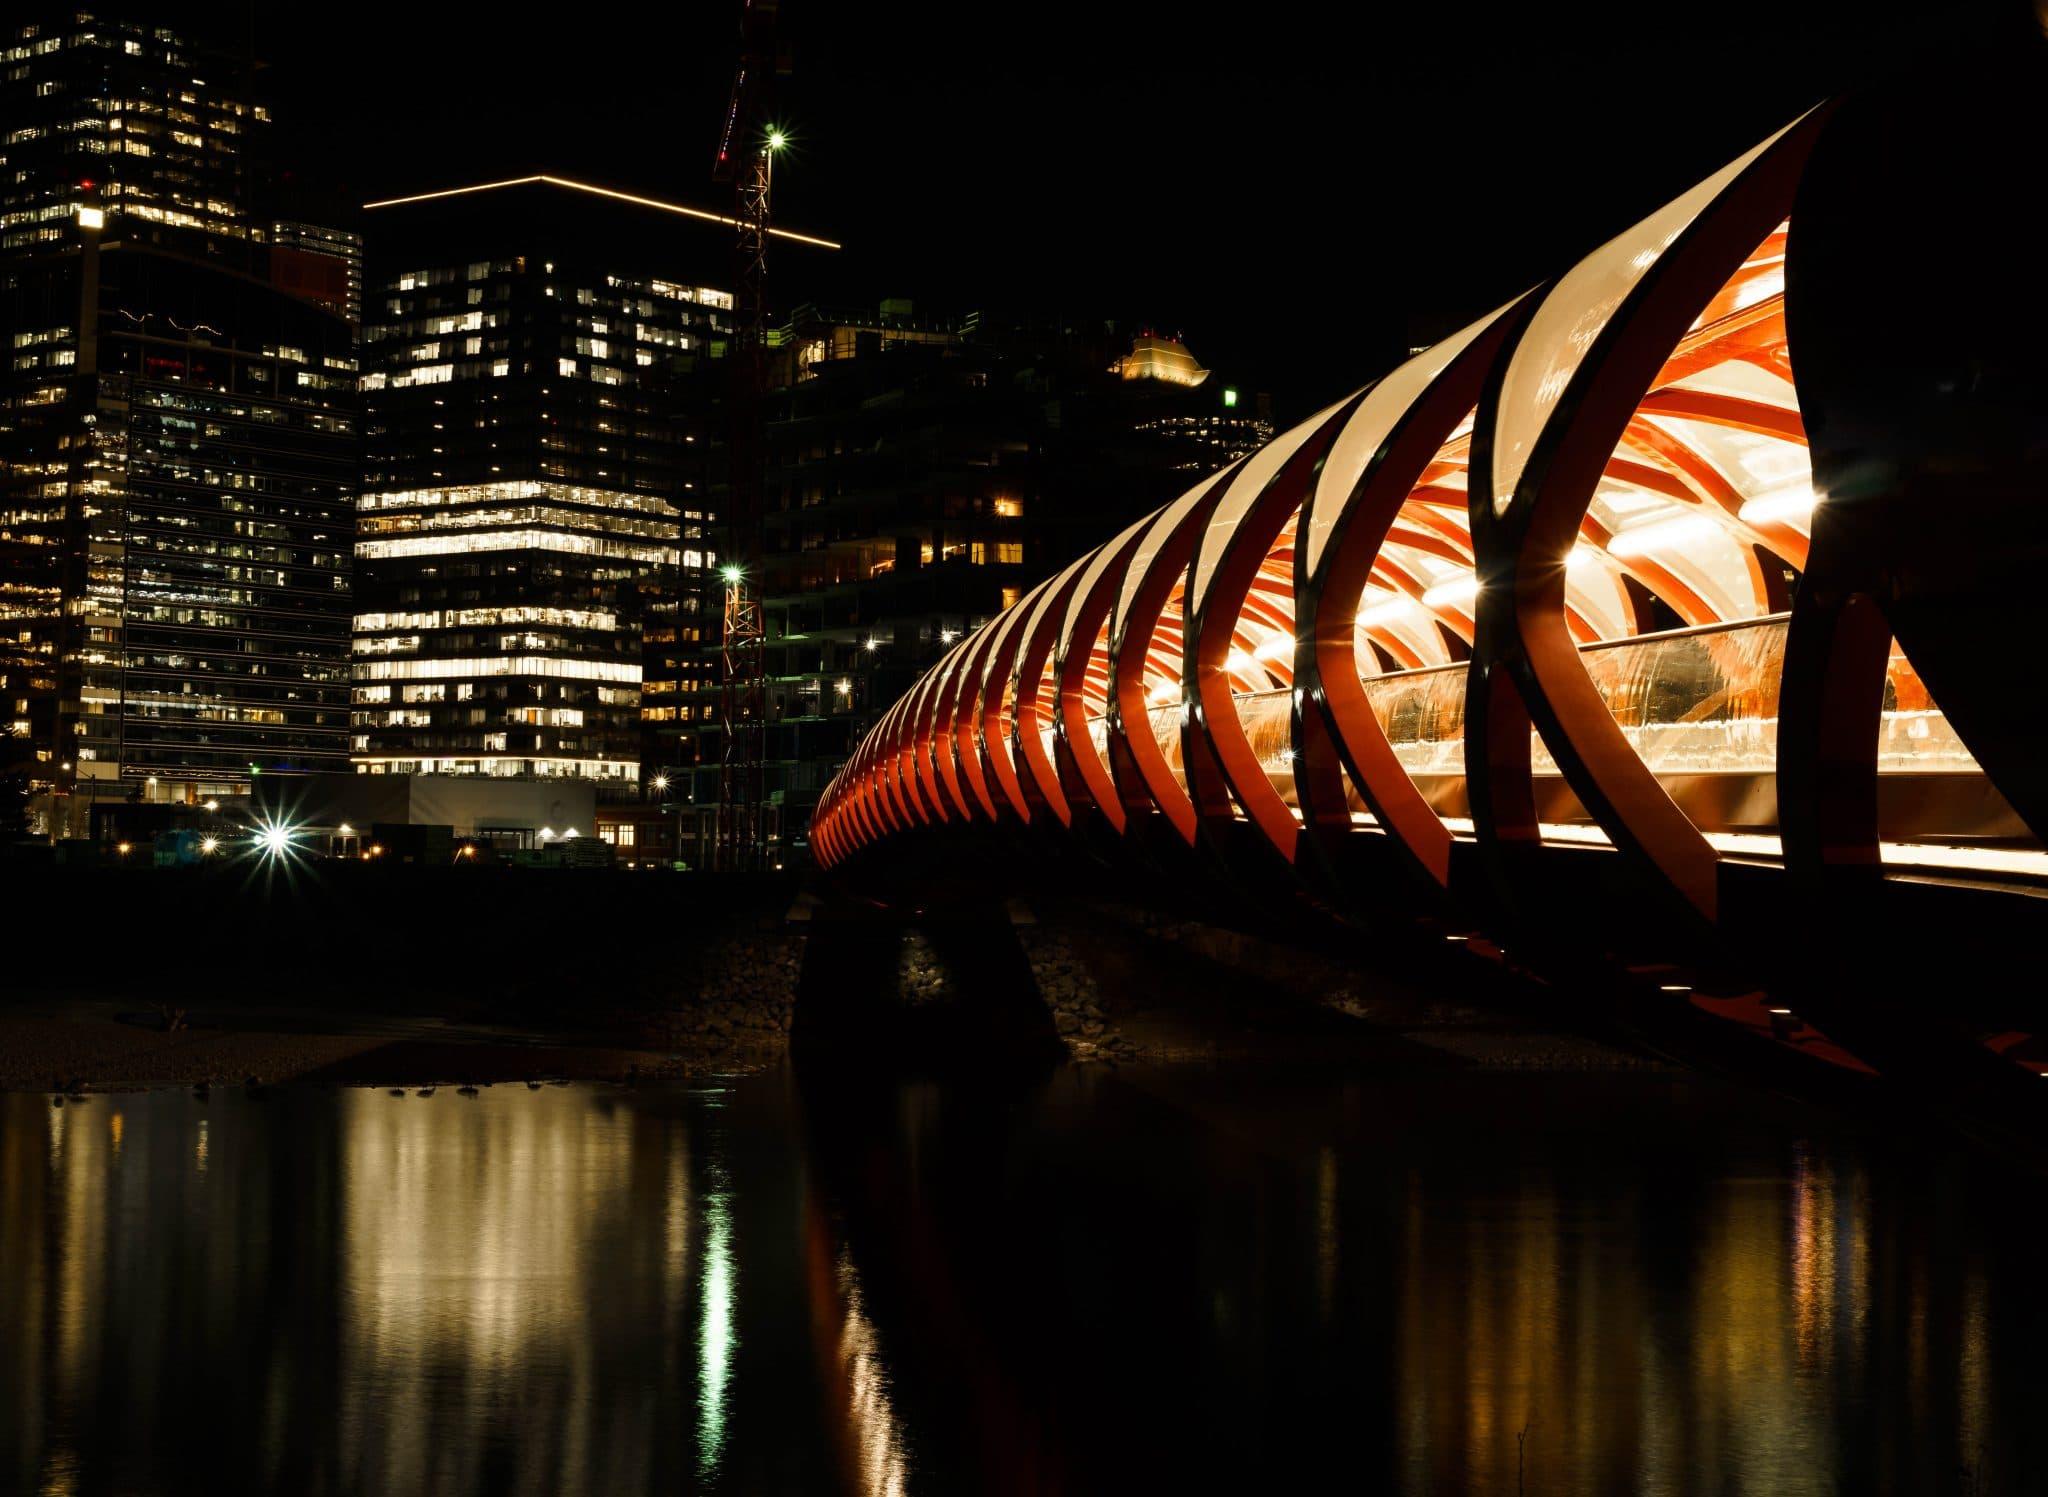 The Peace Bridge at Calgary